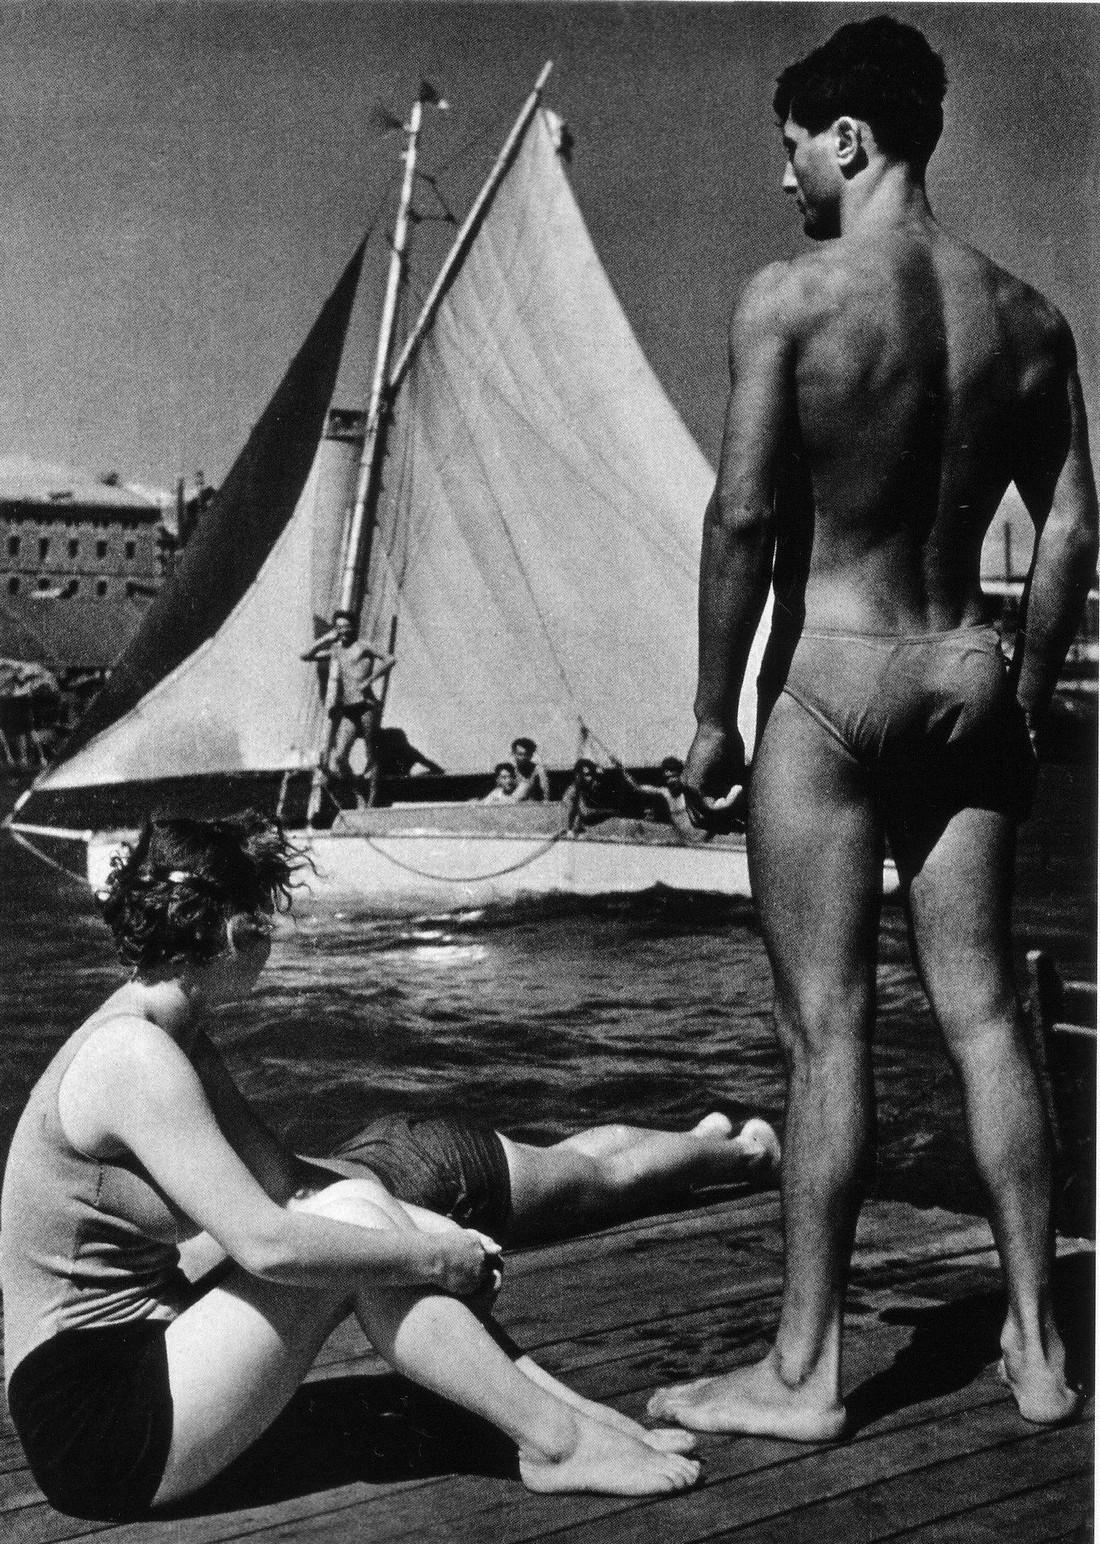 Ссср 1930 секс музей фото 3 фотография